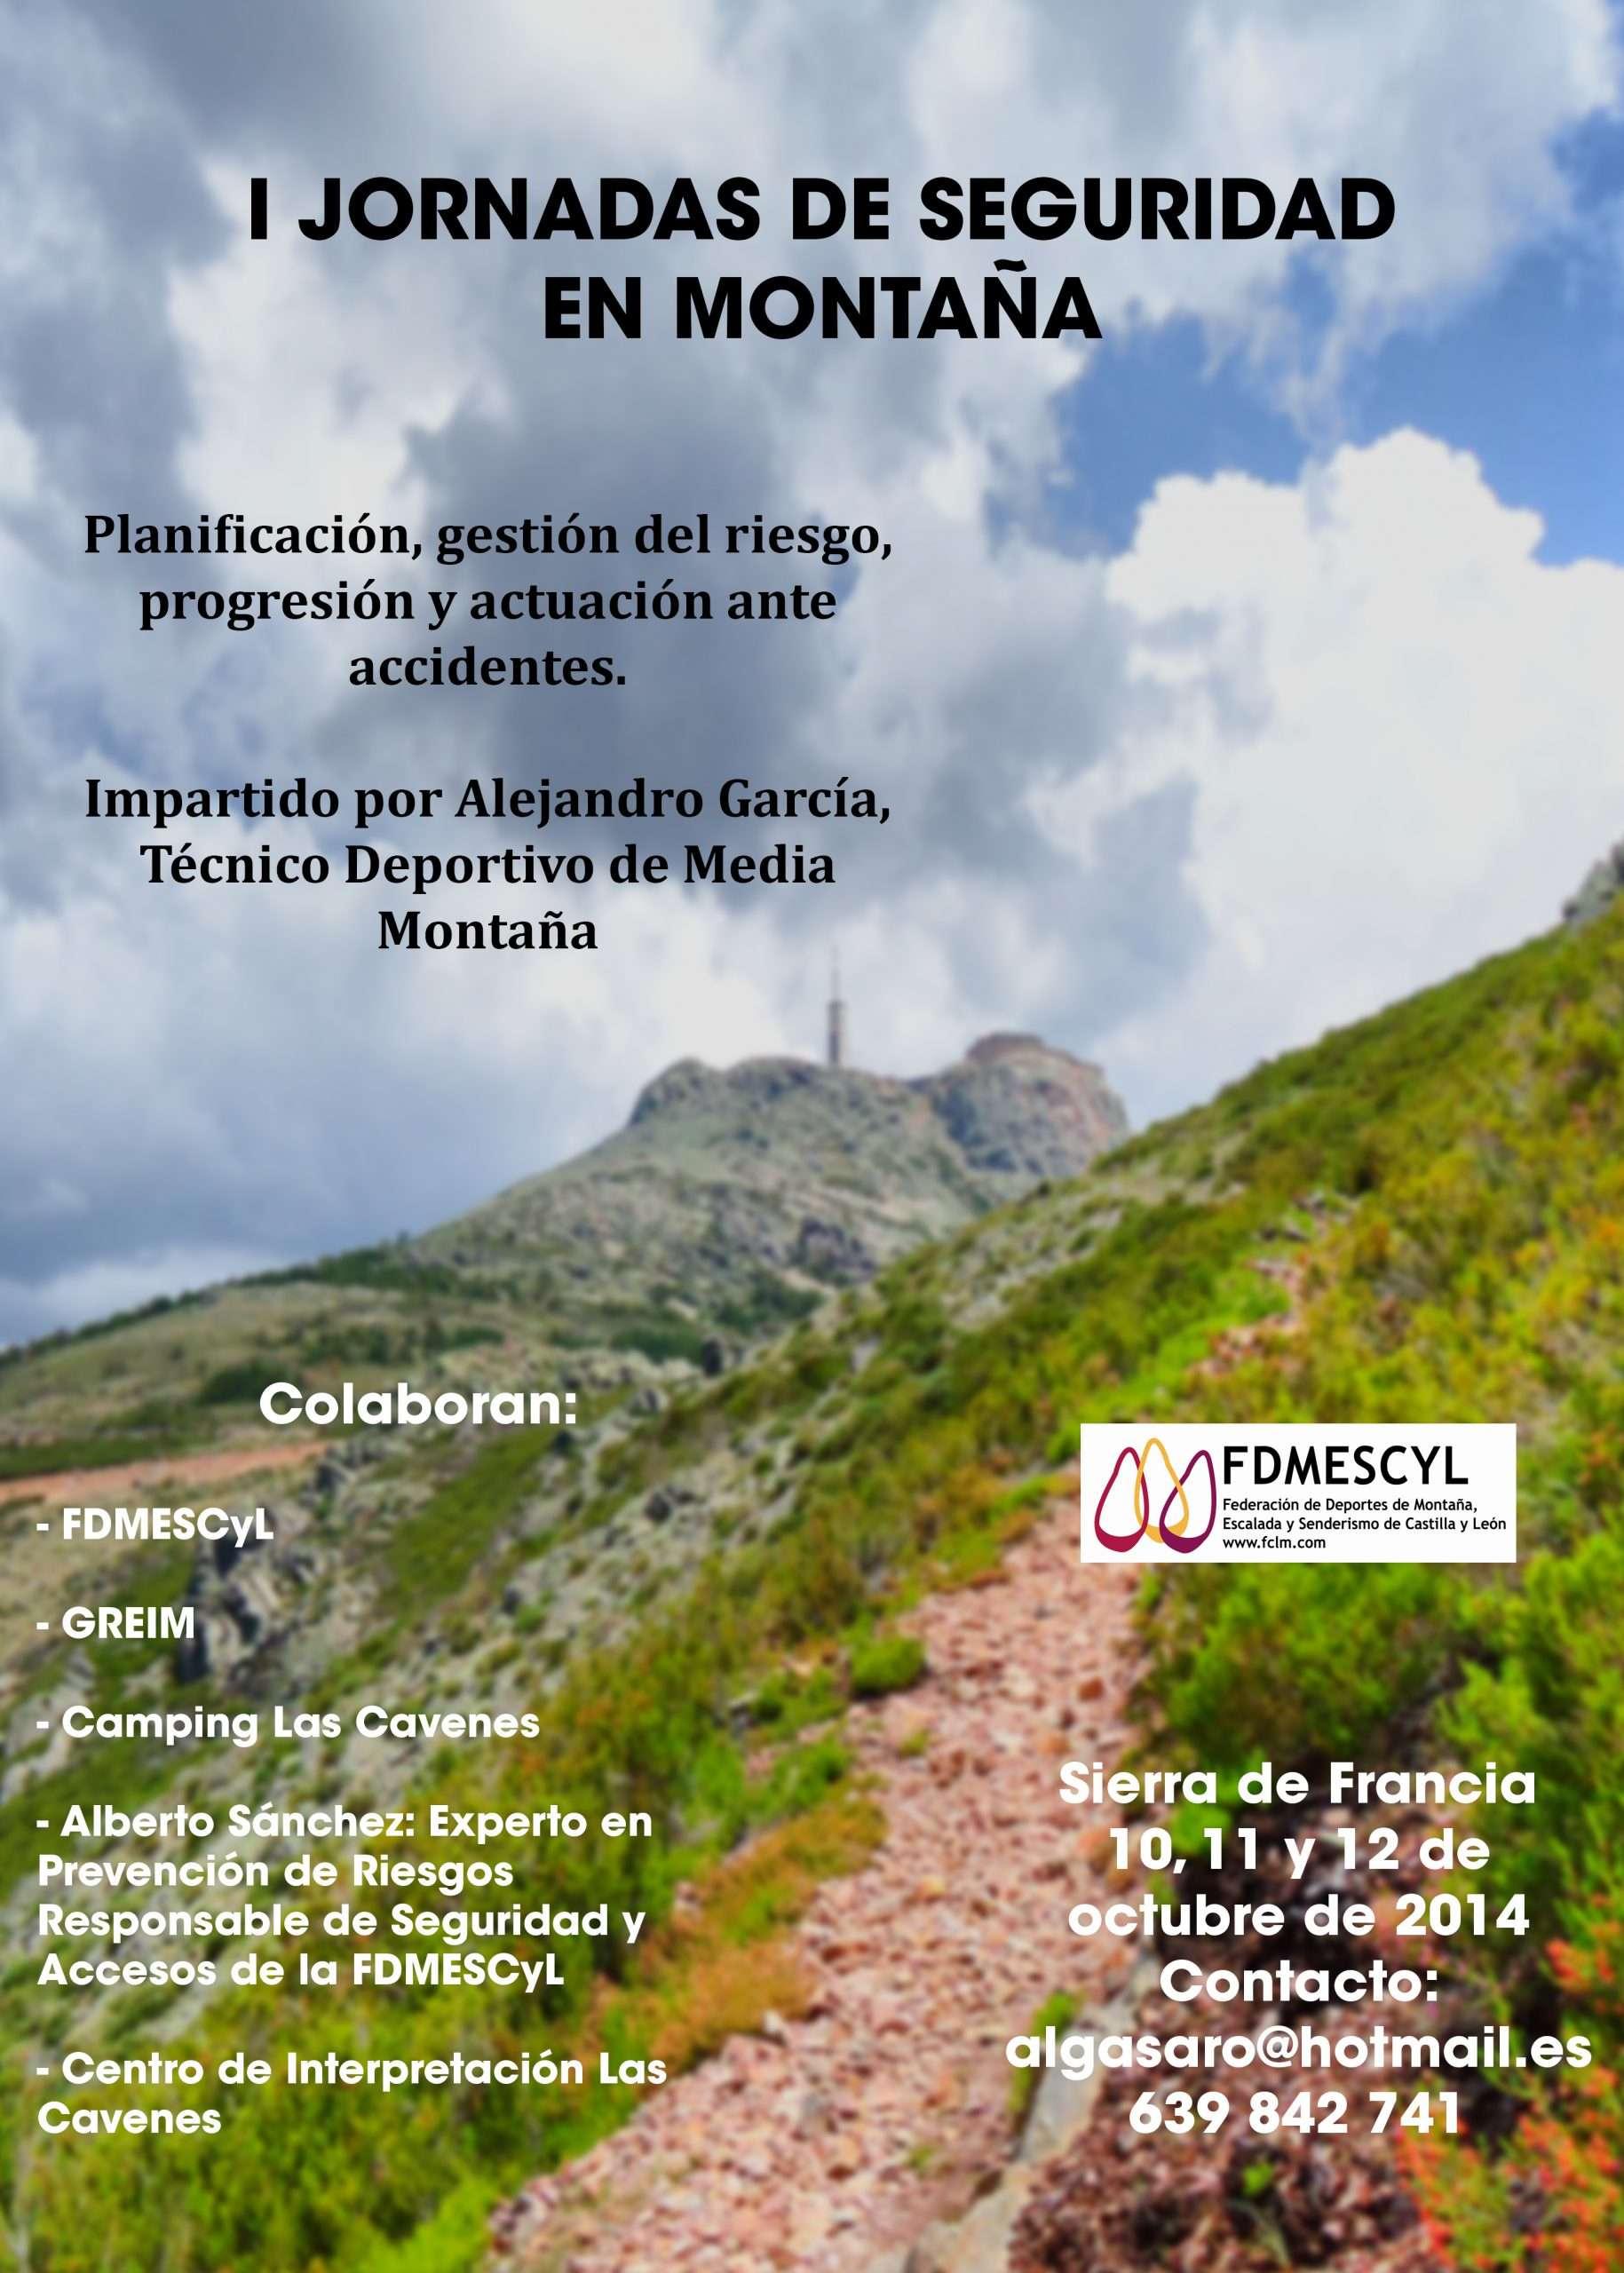 Cartel Jornadas de Seguridad en la Sierra de Francia. /FDMESCYL